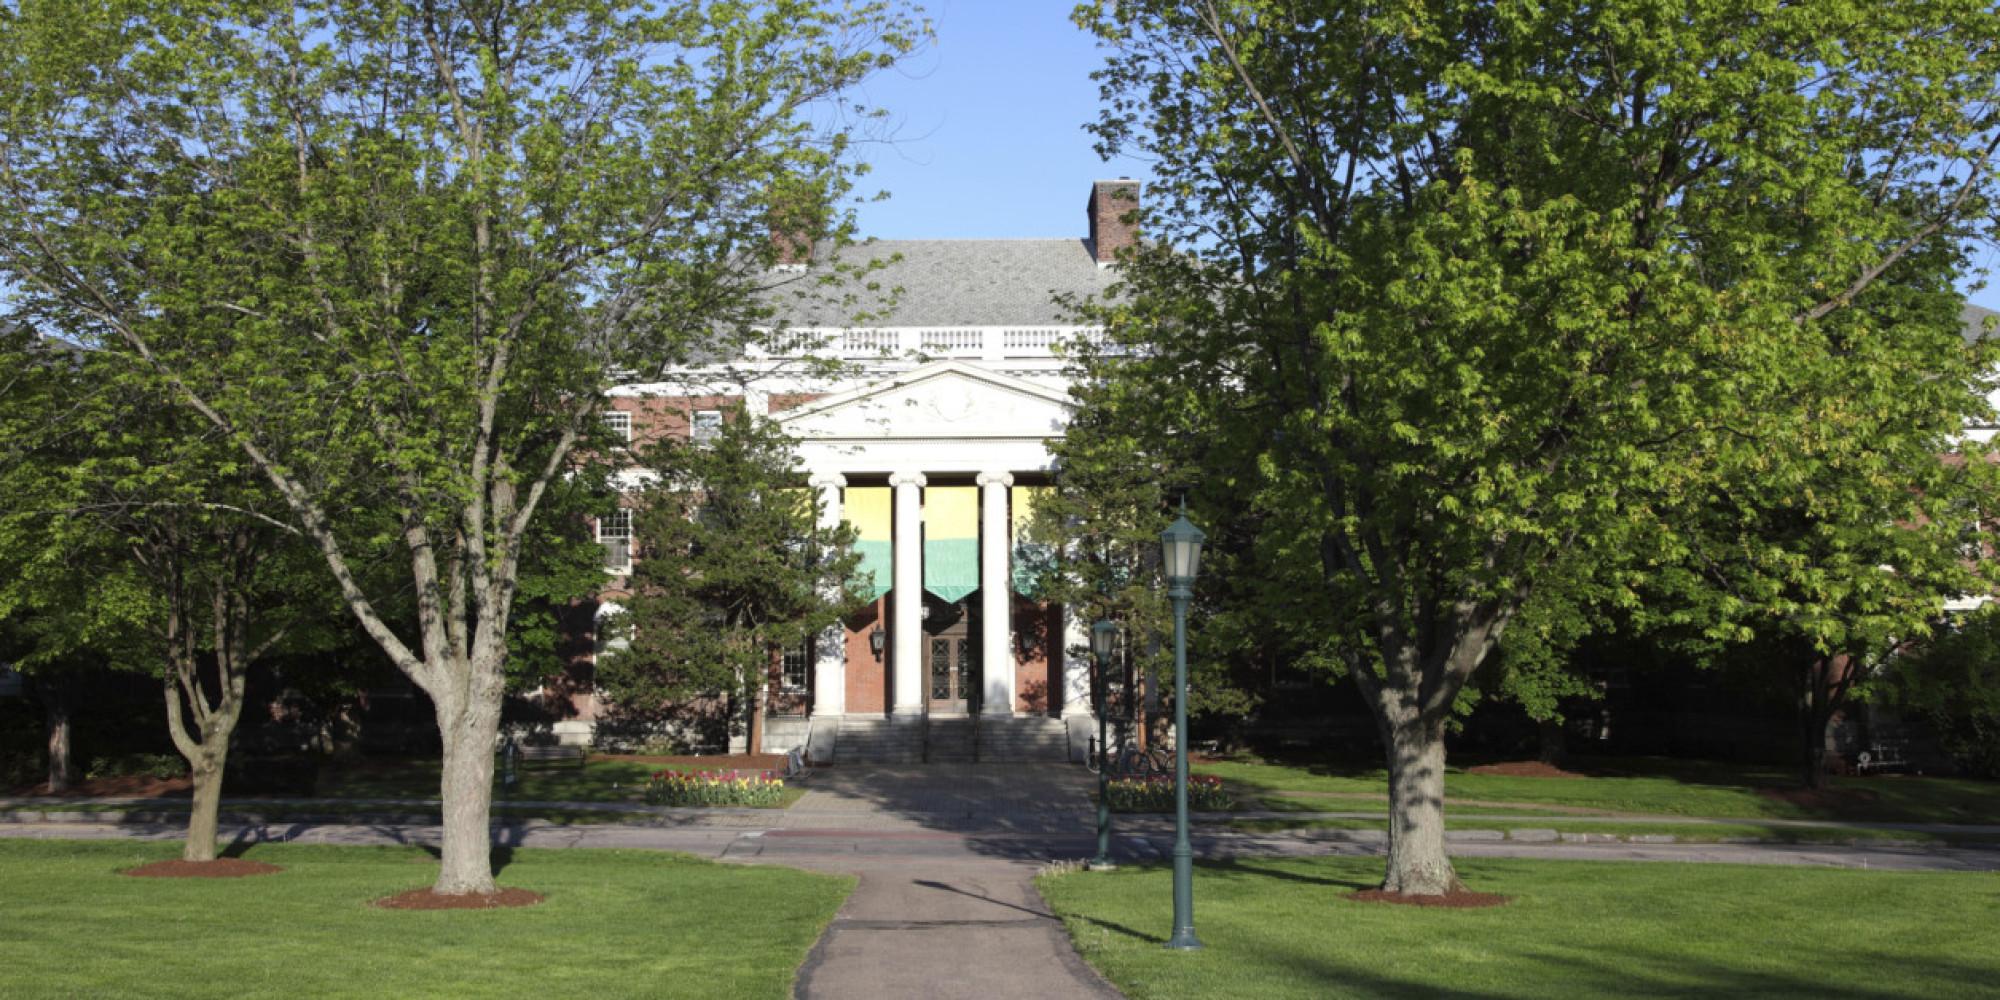 harvard medical school admission essays Harvard law admission essay harvard law school is one of the and medical admissionslaw school admission essays law school admission essays service 55.